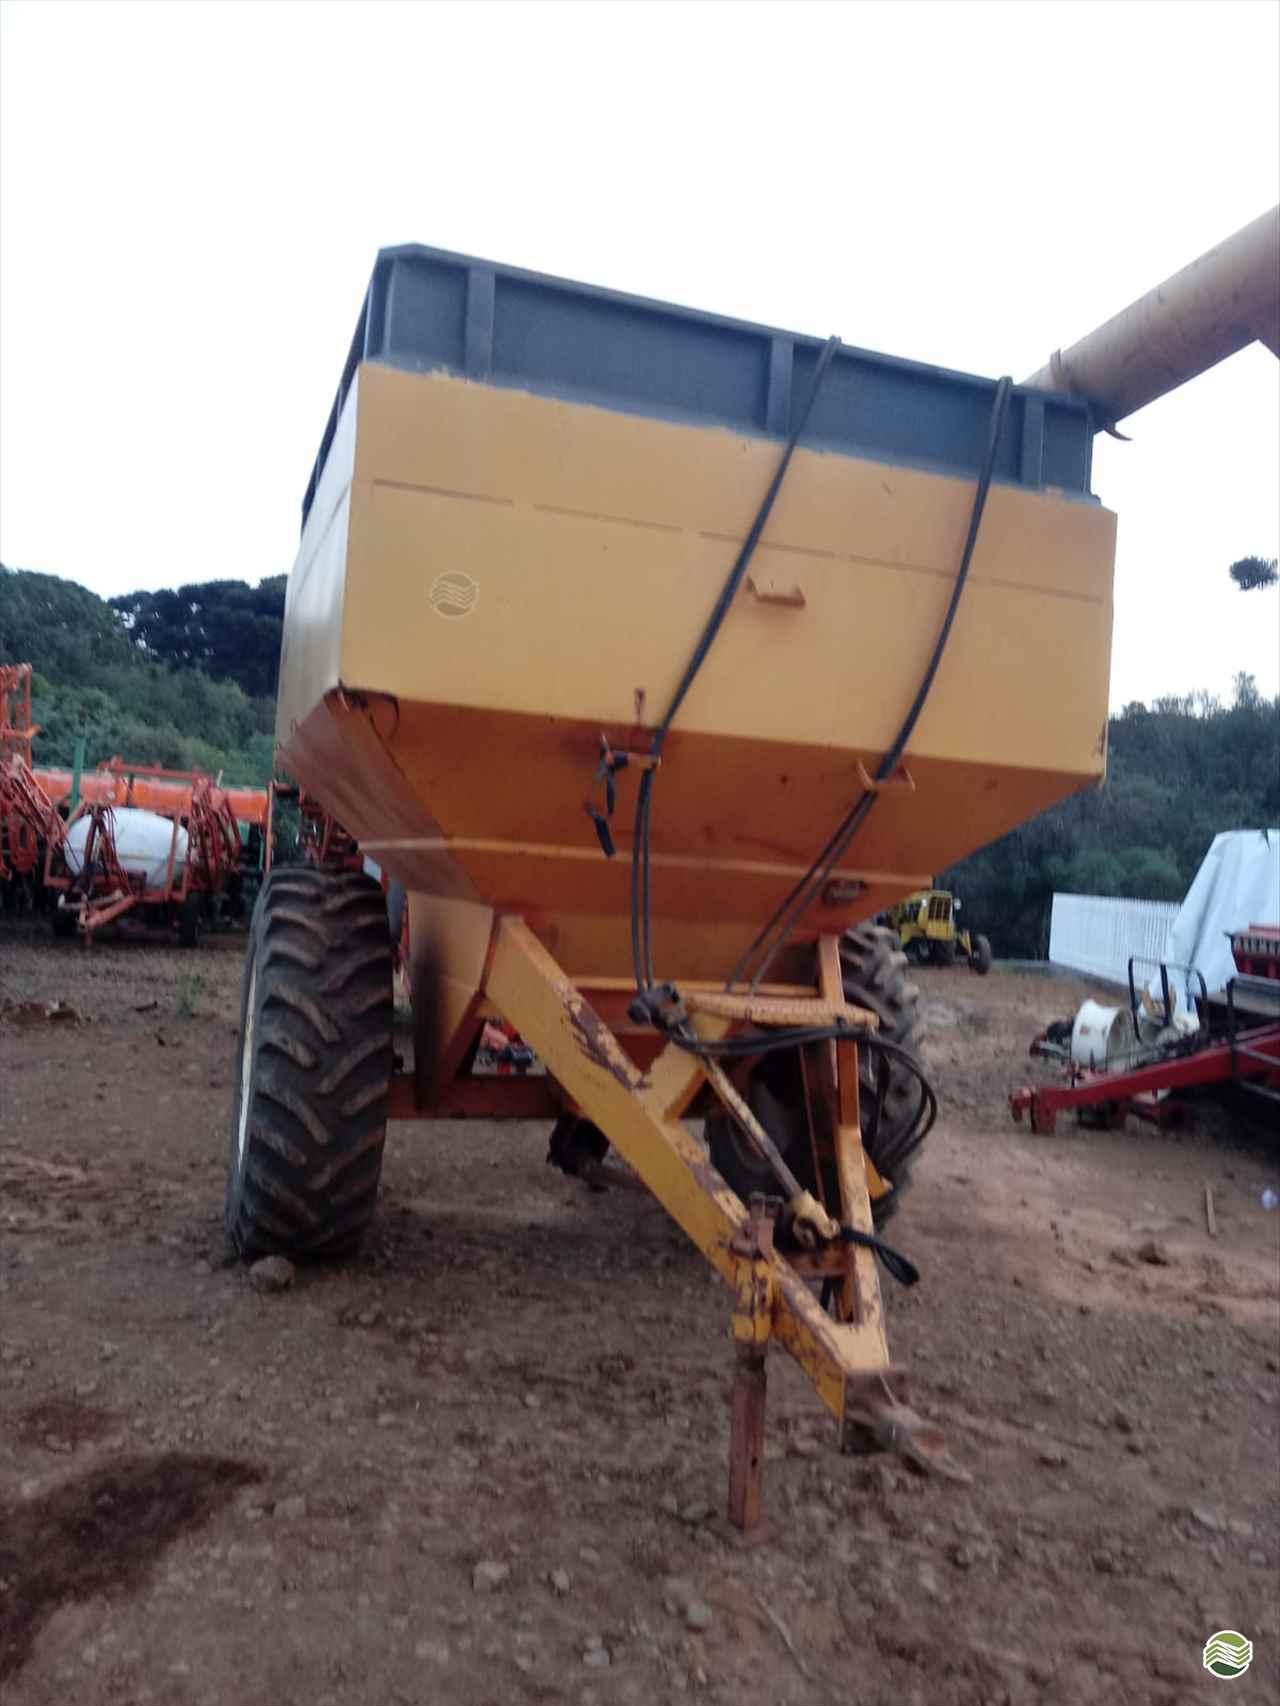 IMPLEMENTOS AGRICOLAS CARRETA BAZUKA GRANELEIRA 12000 Verenka Implementos Agrícolas  TURVO PARANÁ PR